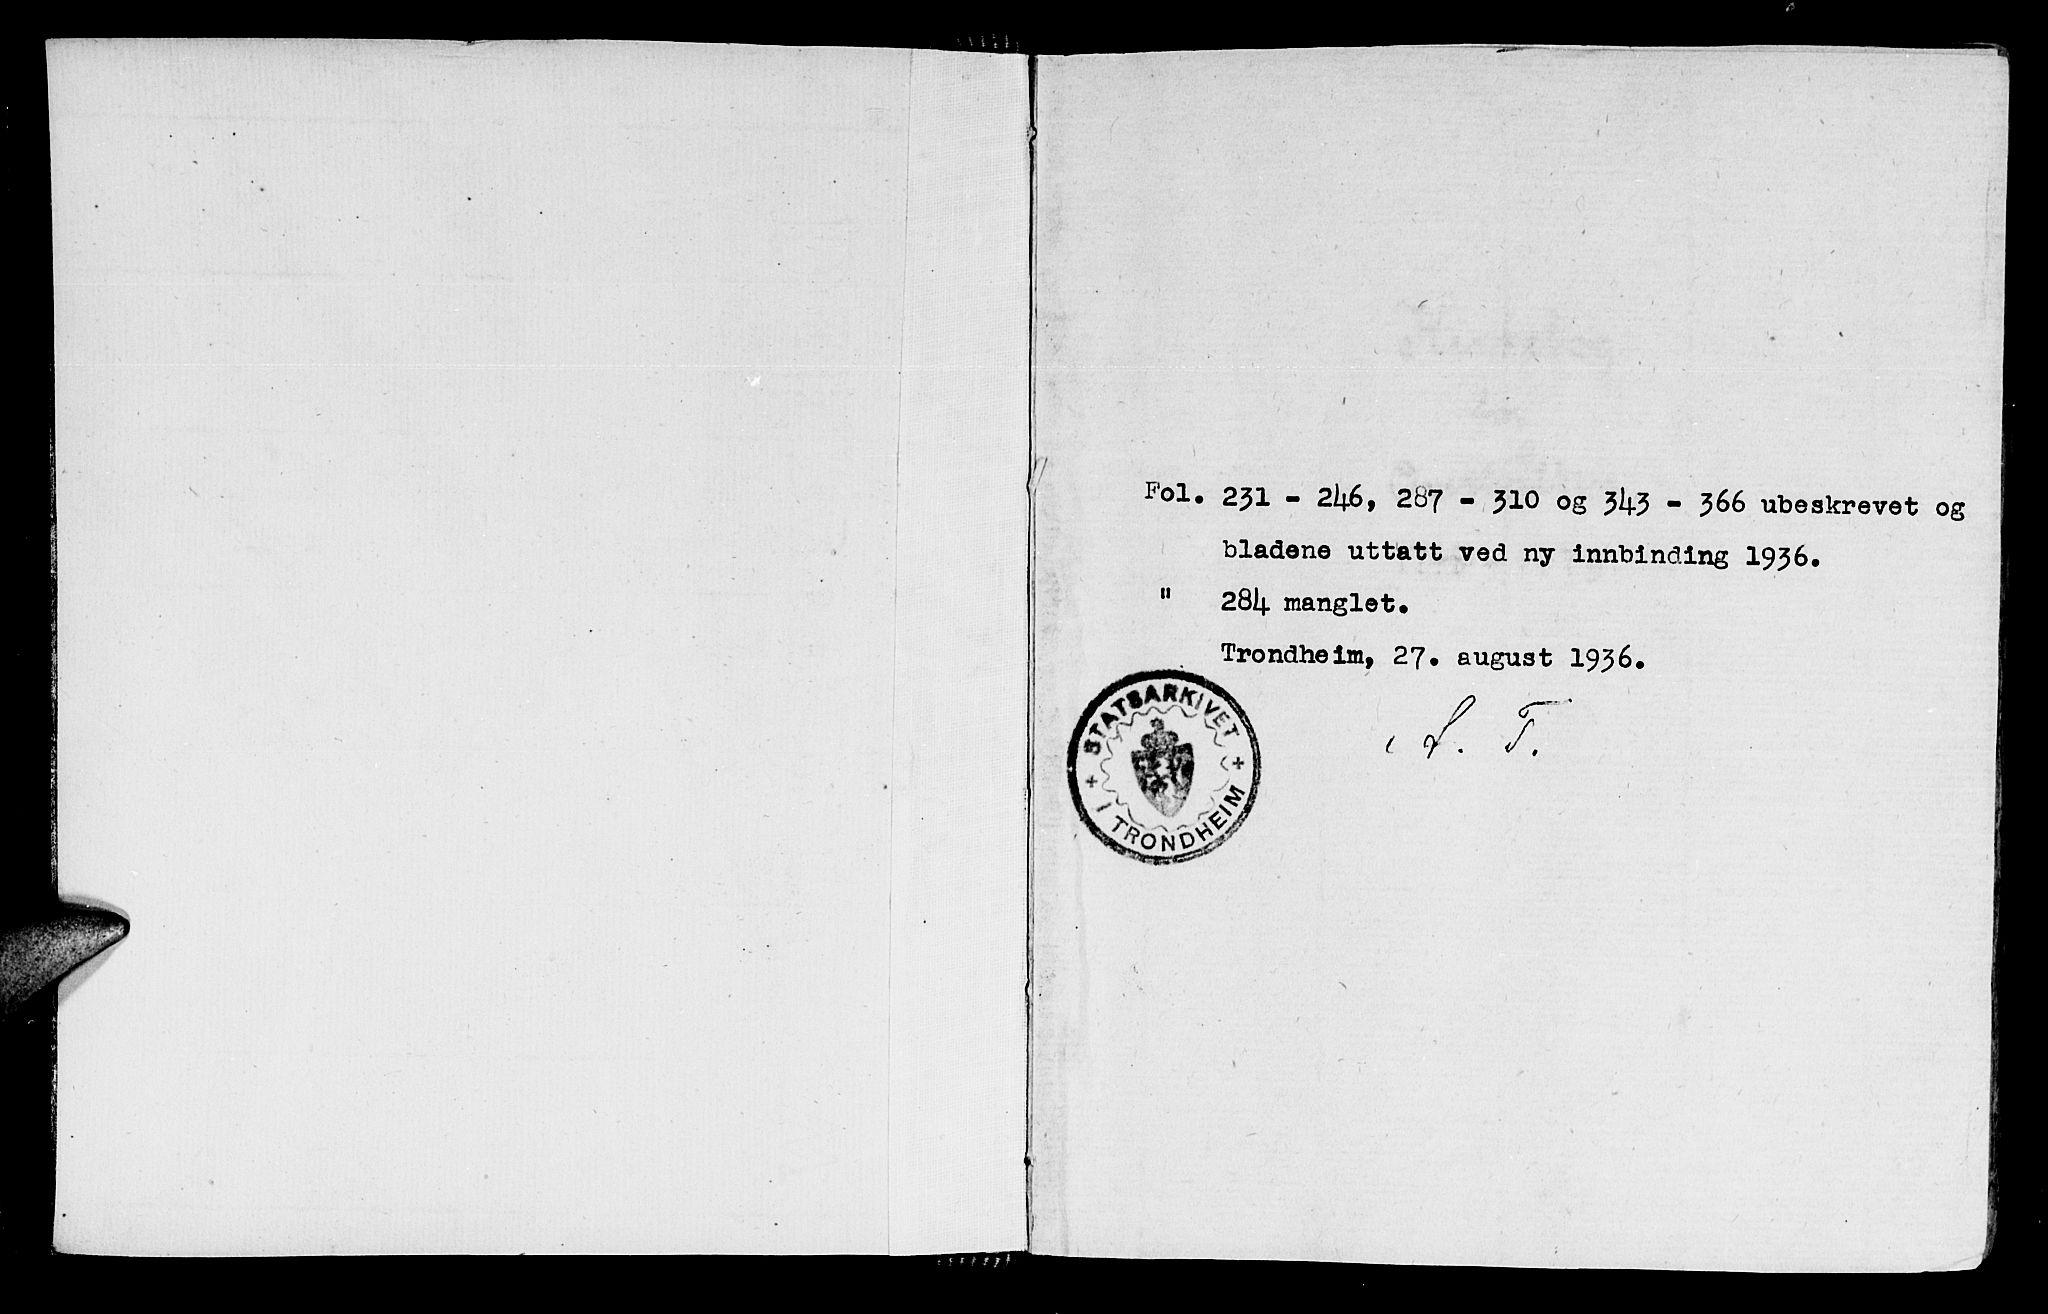 SAT, Ministerialprotokoller, klokkerbøker og fødselsregistre - Nord-Trøndelag, 764/L0542: Ministerialbok nr. 764A02, 1748-1779